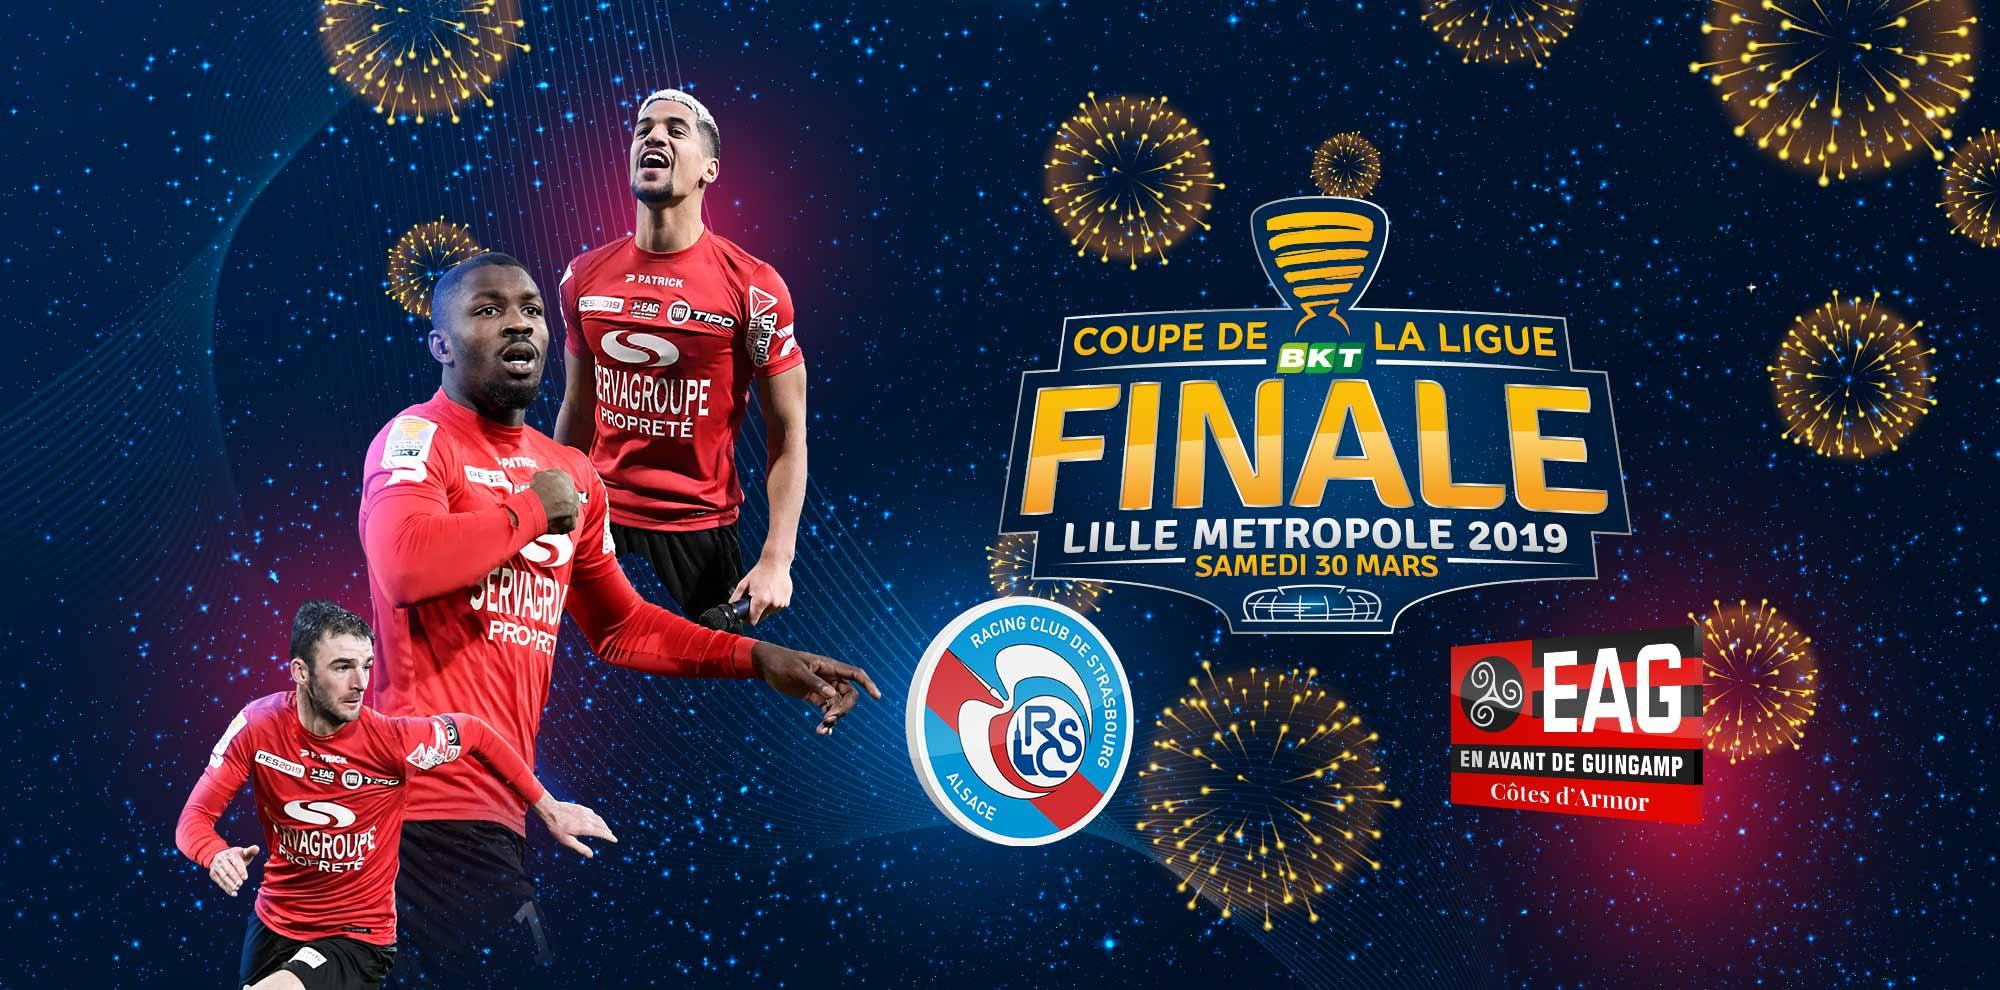 Finale de la coupe de la ligue bkt infos billetterie en avant de guingamp - Coupe de la ligue billetterie ...